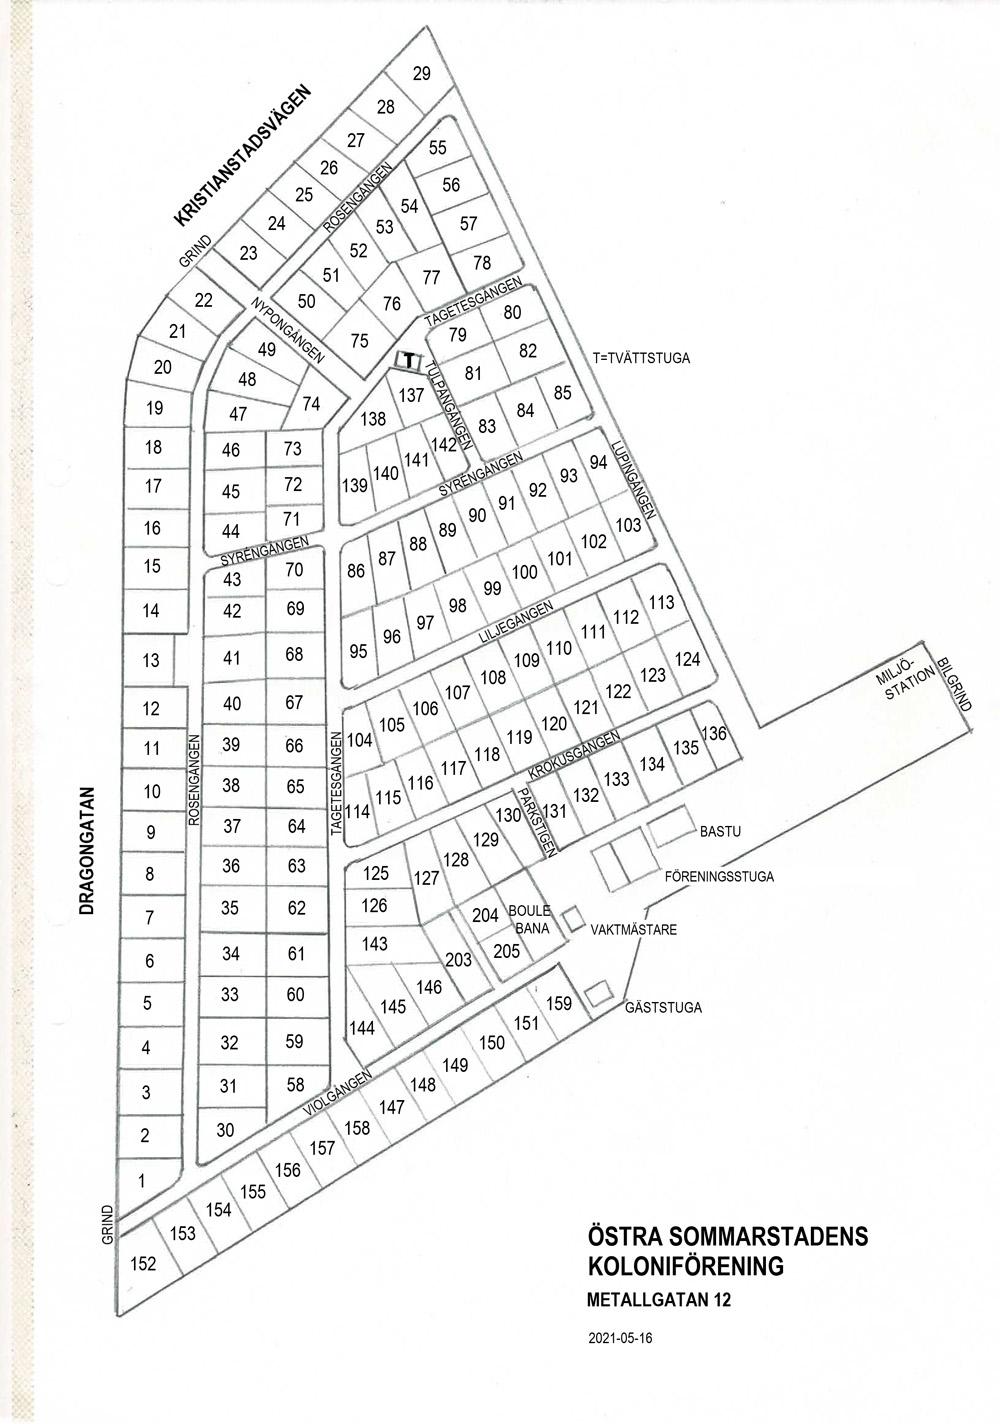 plan över Östra Sommarstadens koloniområde